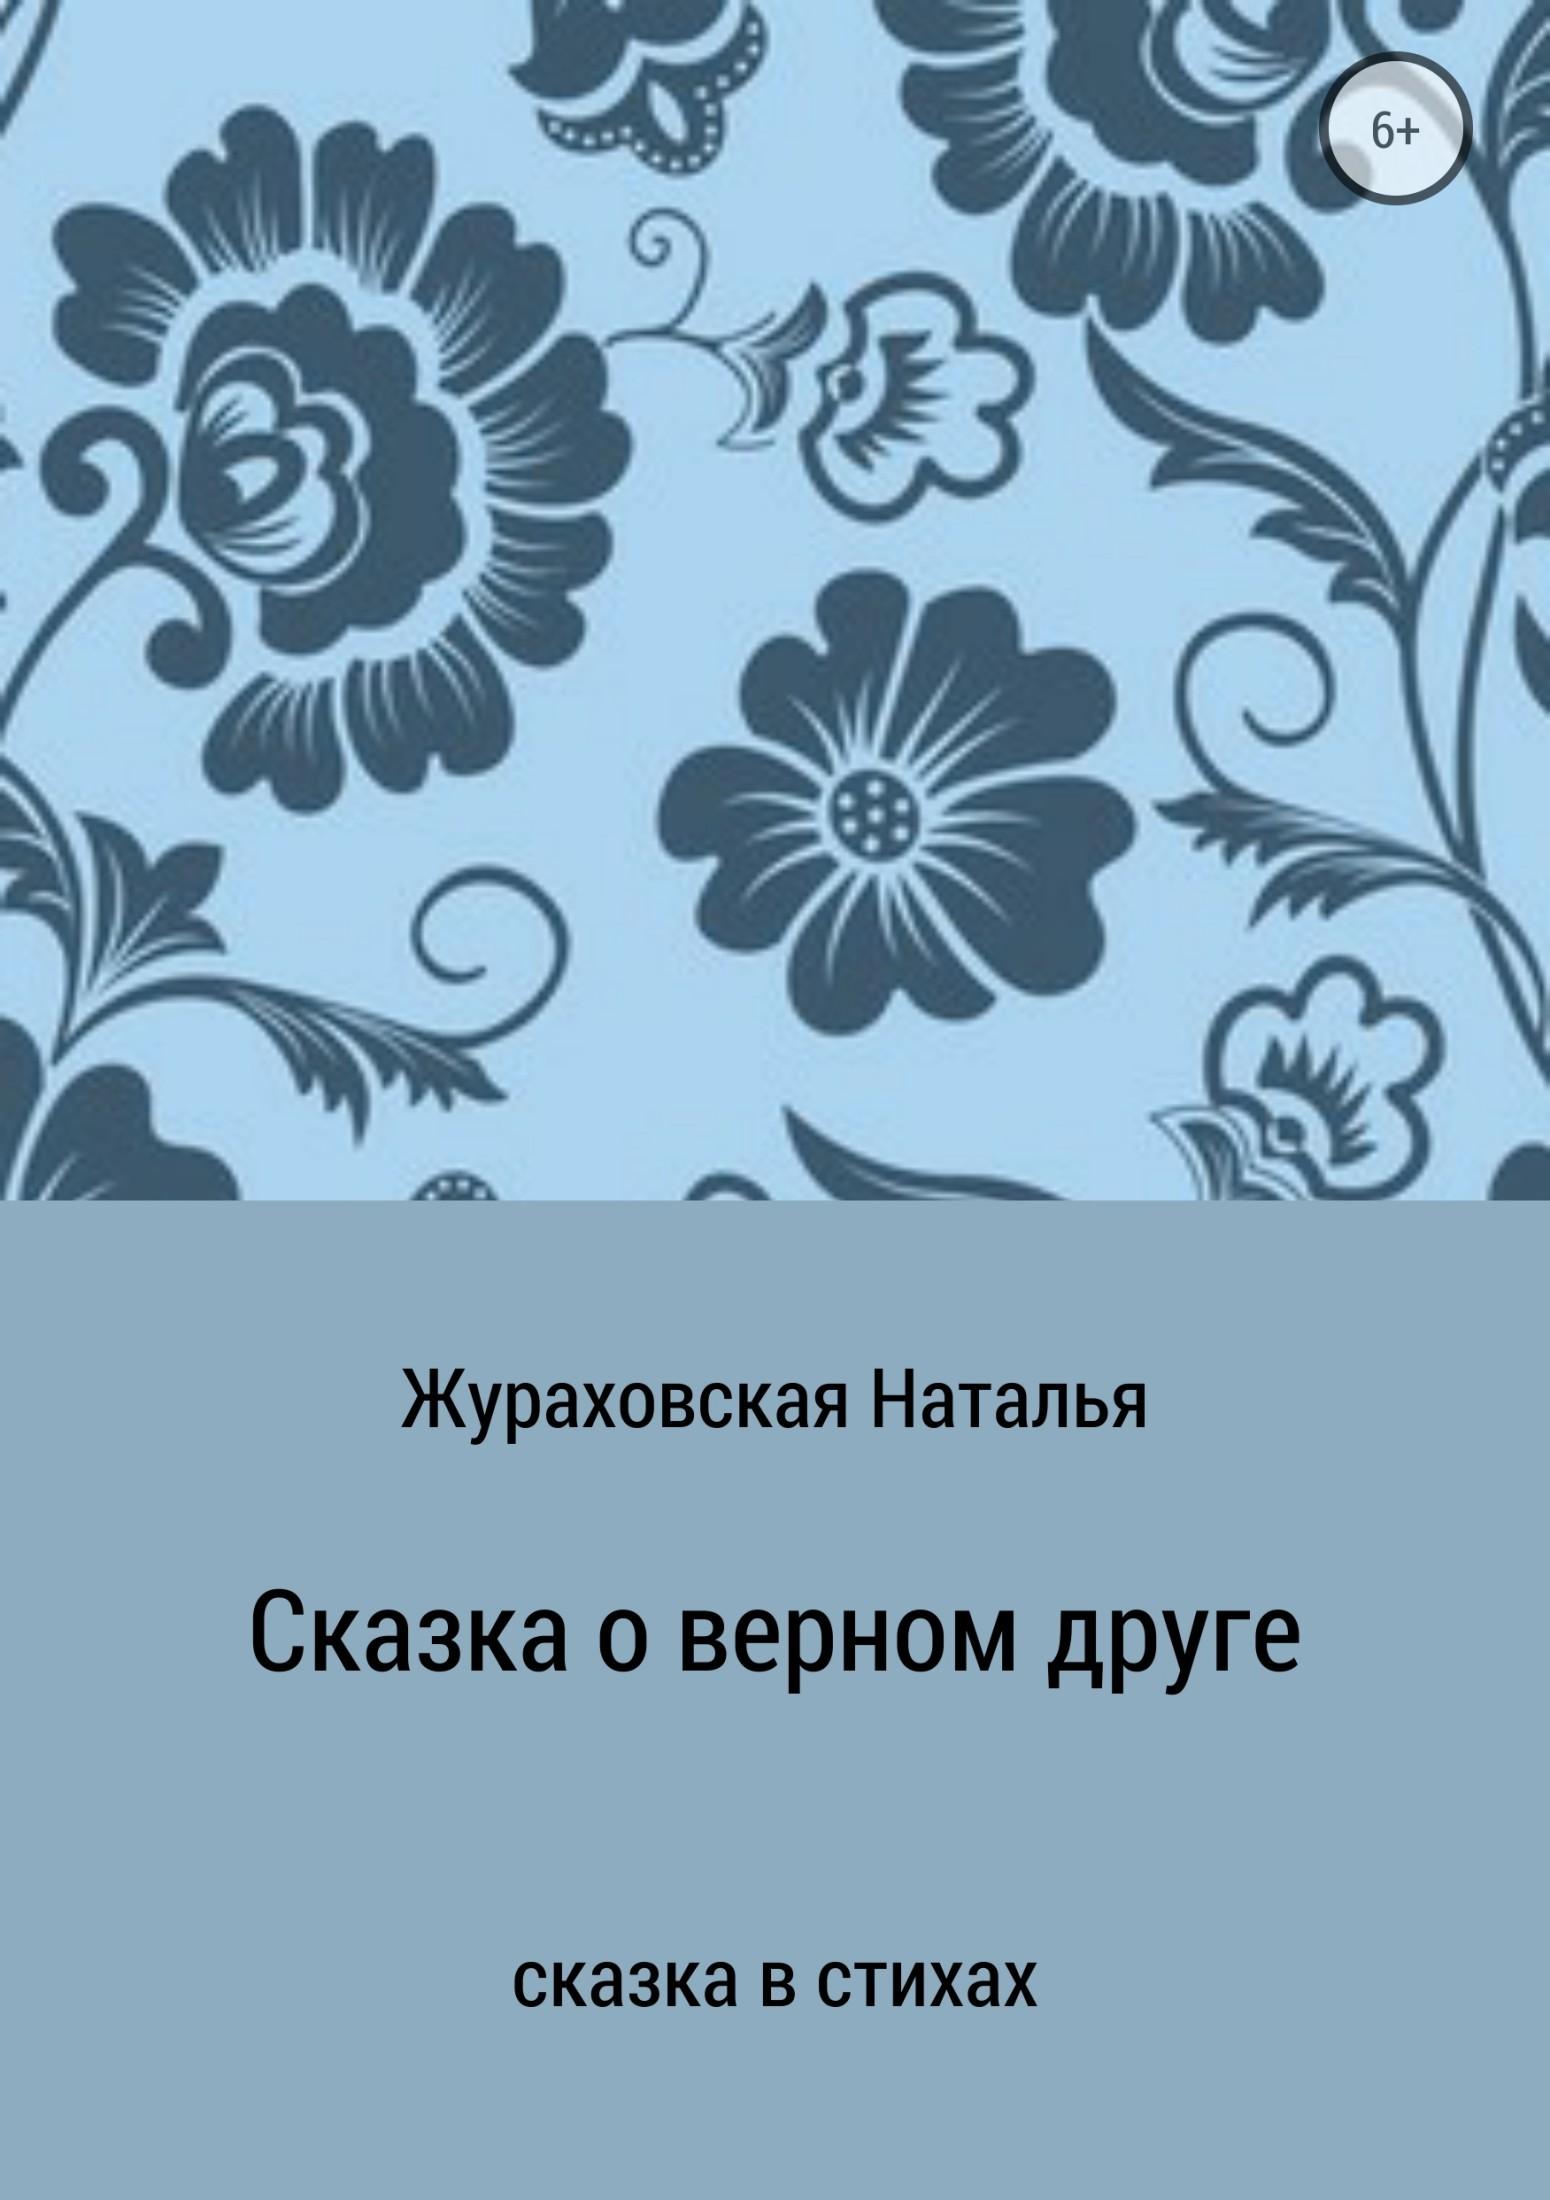 Наталья Жураховская - Сказка о верном друге